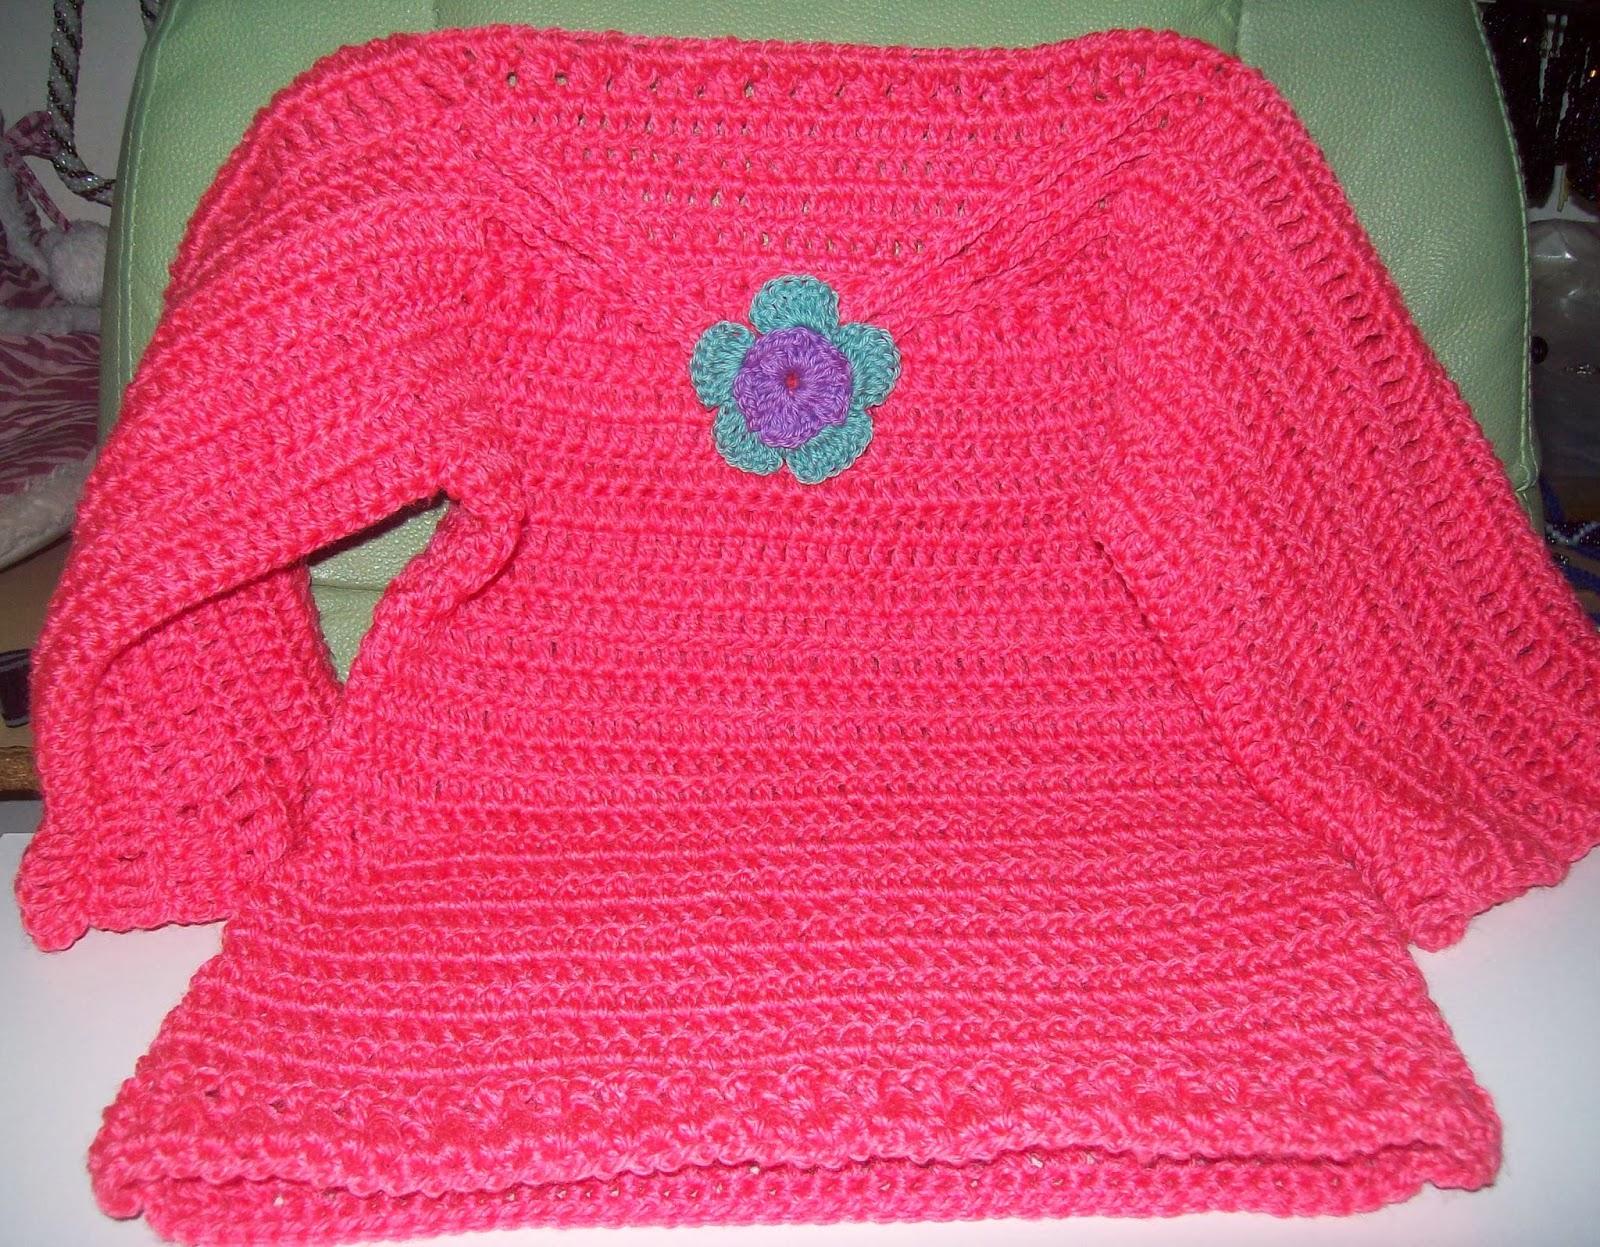 Free Crochet Pattern Cat Sweater : Free Crochet Patterns By Cats-Rockin-Crochet